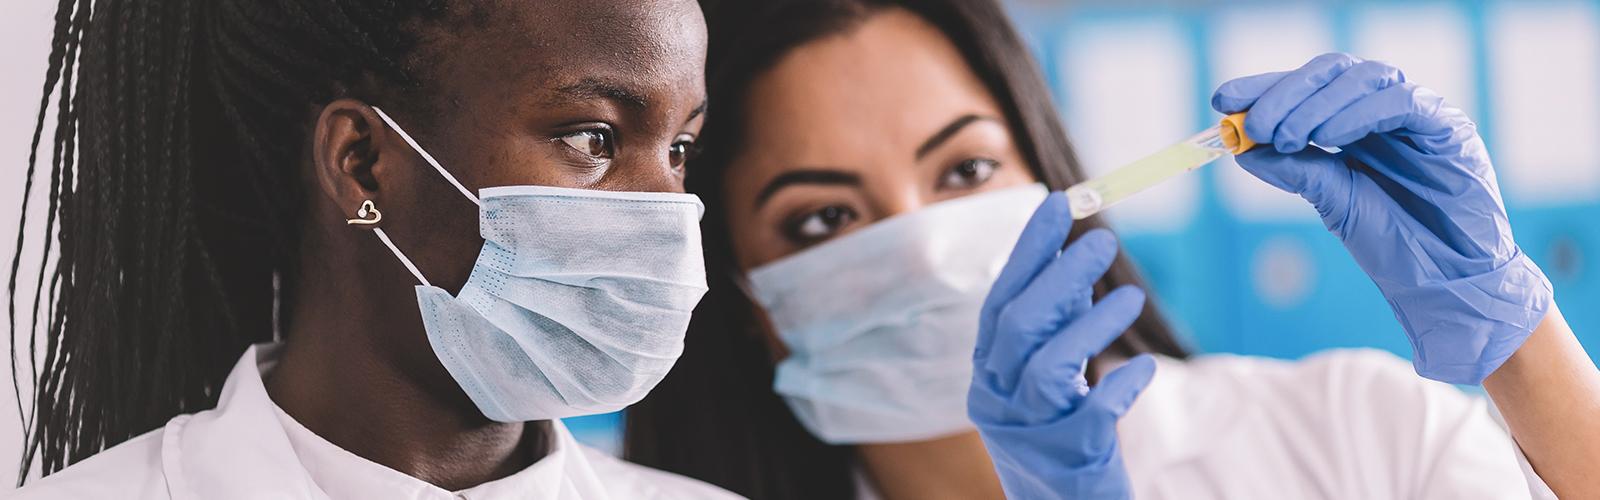 A imagem mostra duas jovens, uma negra e uma branca em um laboratório. Ambas estão com jaleco branco e máscara de proteção e uma delas segura um tubo de ensaio.